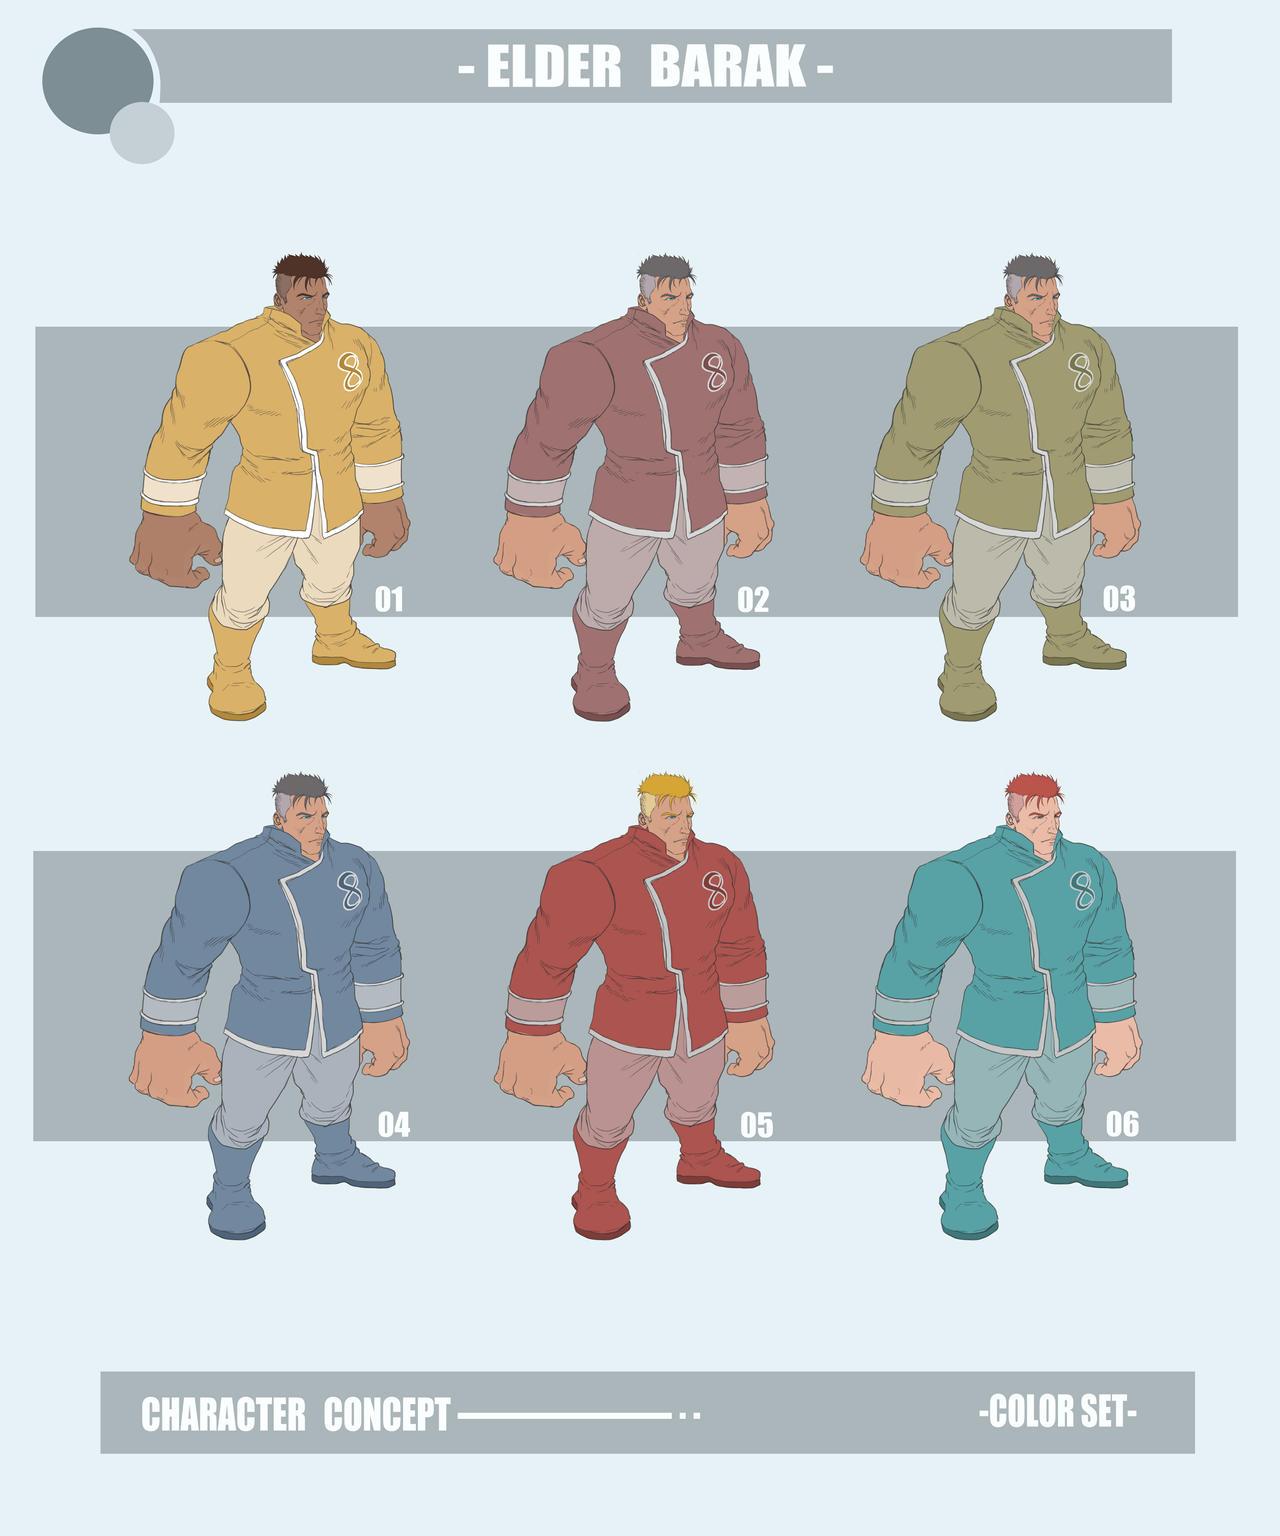 Elder-barak-color-set